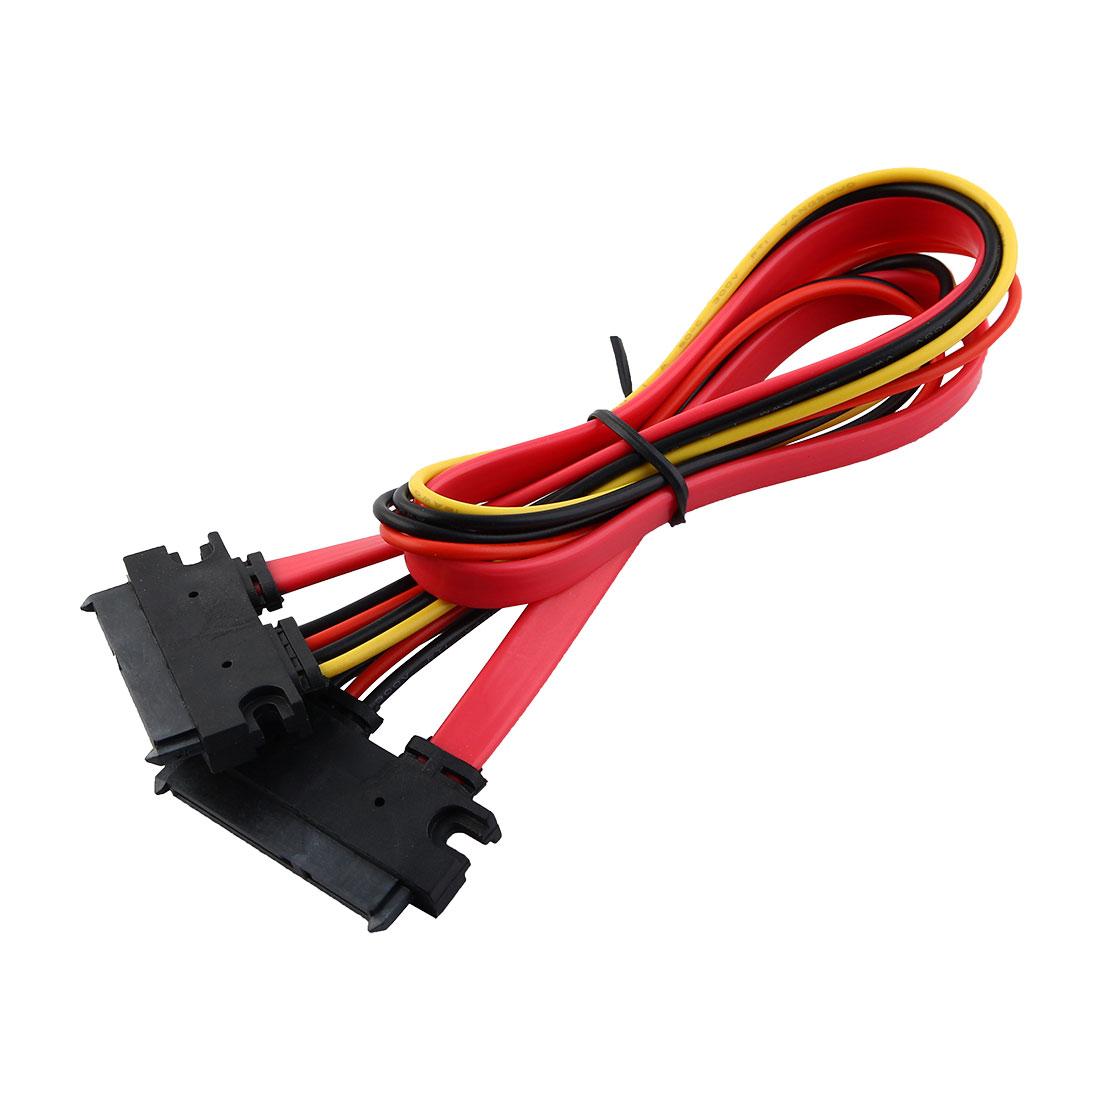 SATA Female to Female 7+15 Pin Serial ATA Data Cable